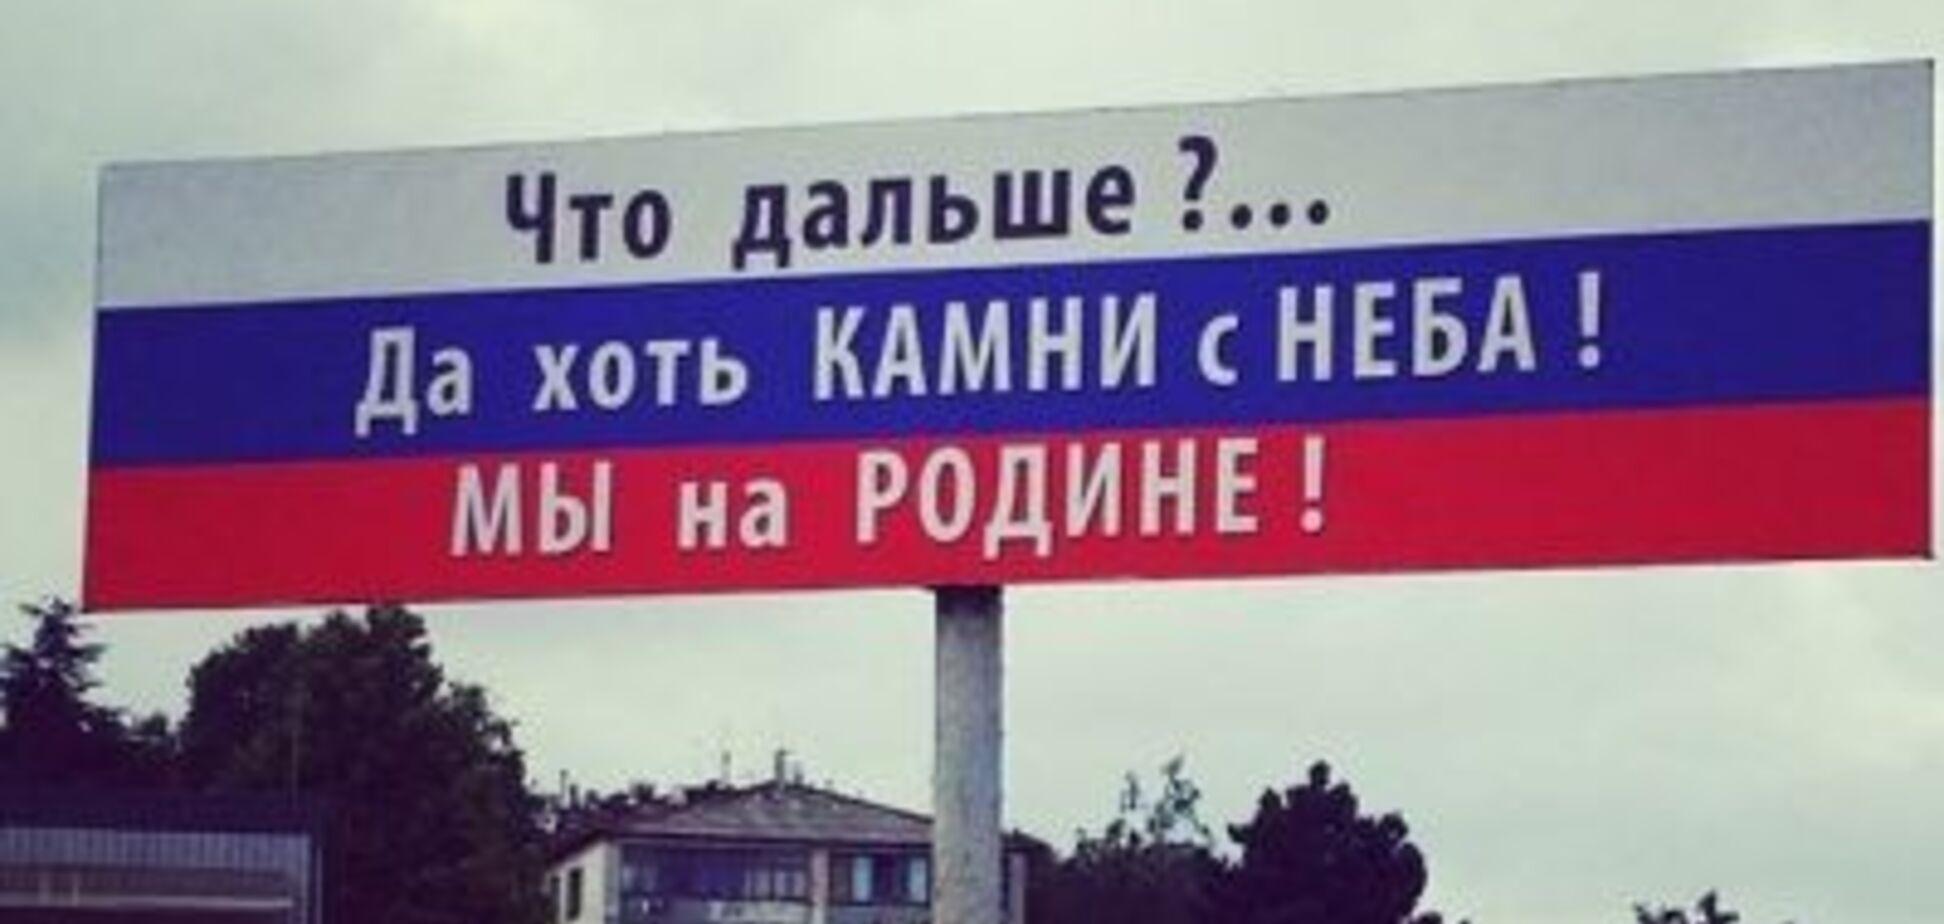 'Патриоты России' жалуются, что 'новая родина' бросила их на произвол судьбы